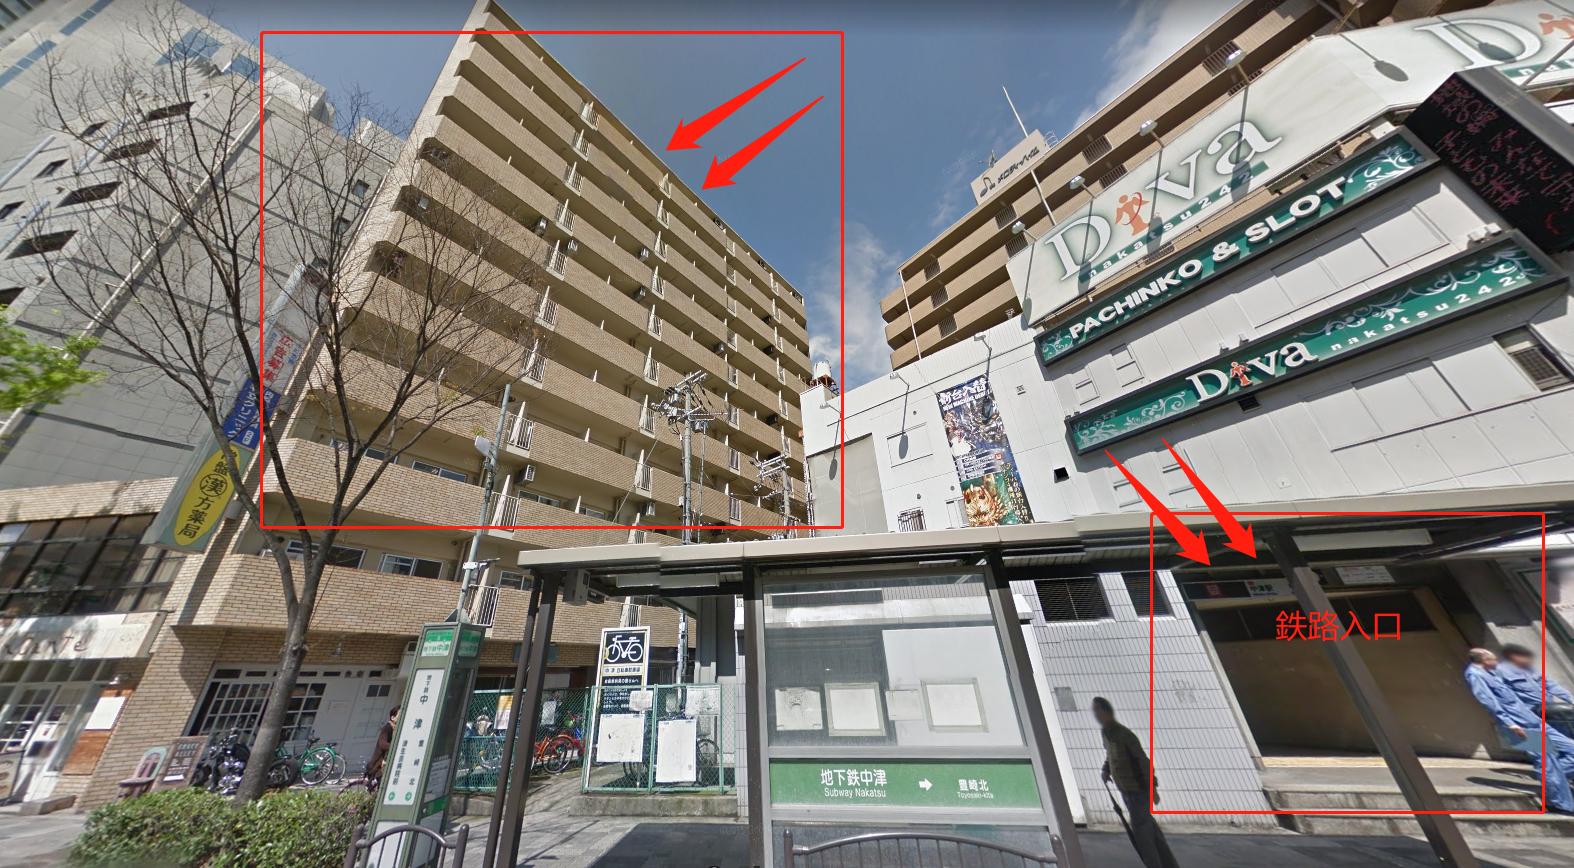 【?大阪 · 約60萬 · ?到鉄路入口10秒?】?實回5厘以上?